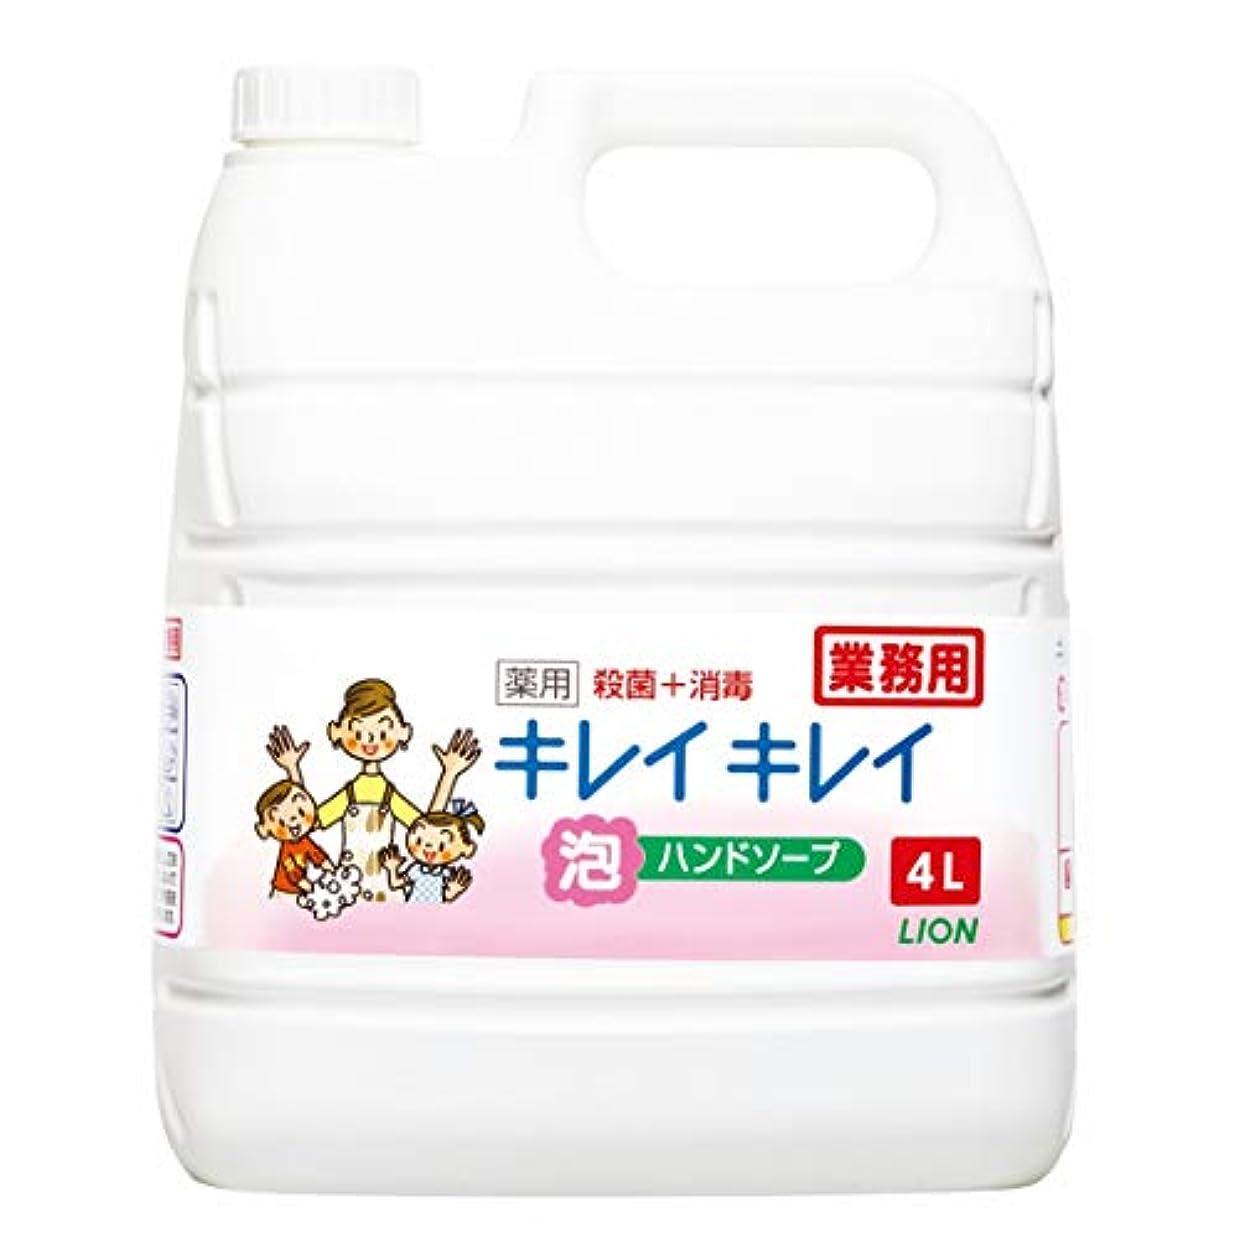 高度な望み信念【業務用 大容量】キレイキレイ 薬用 泡ハンドソープ シトラスフルーティの香り 液体 単品 4L(医薬部外品)